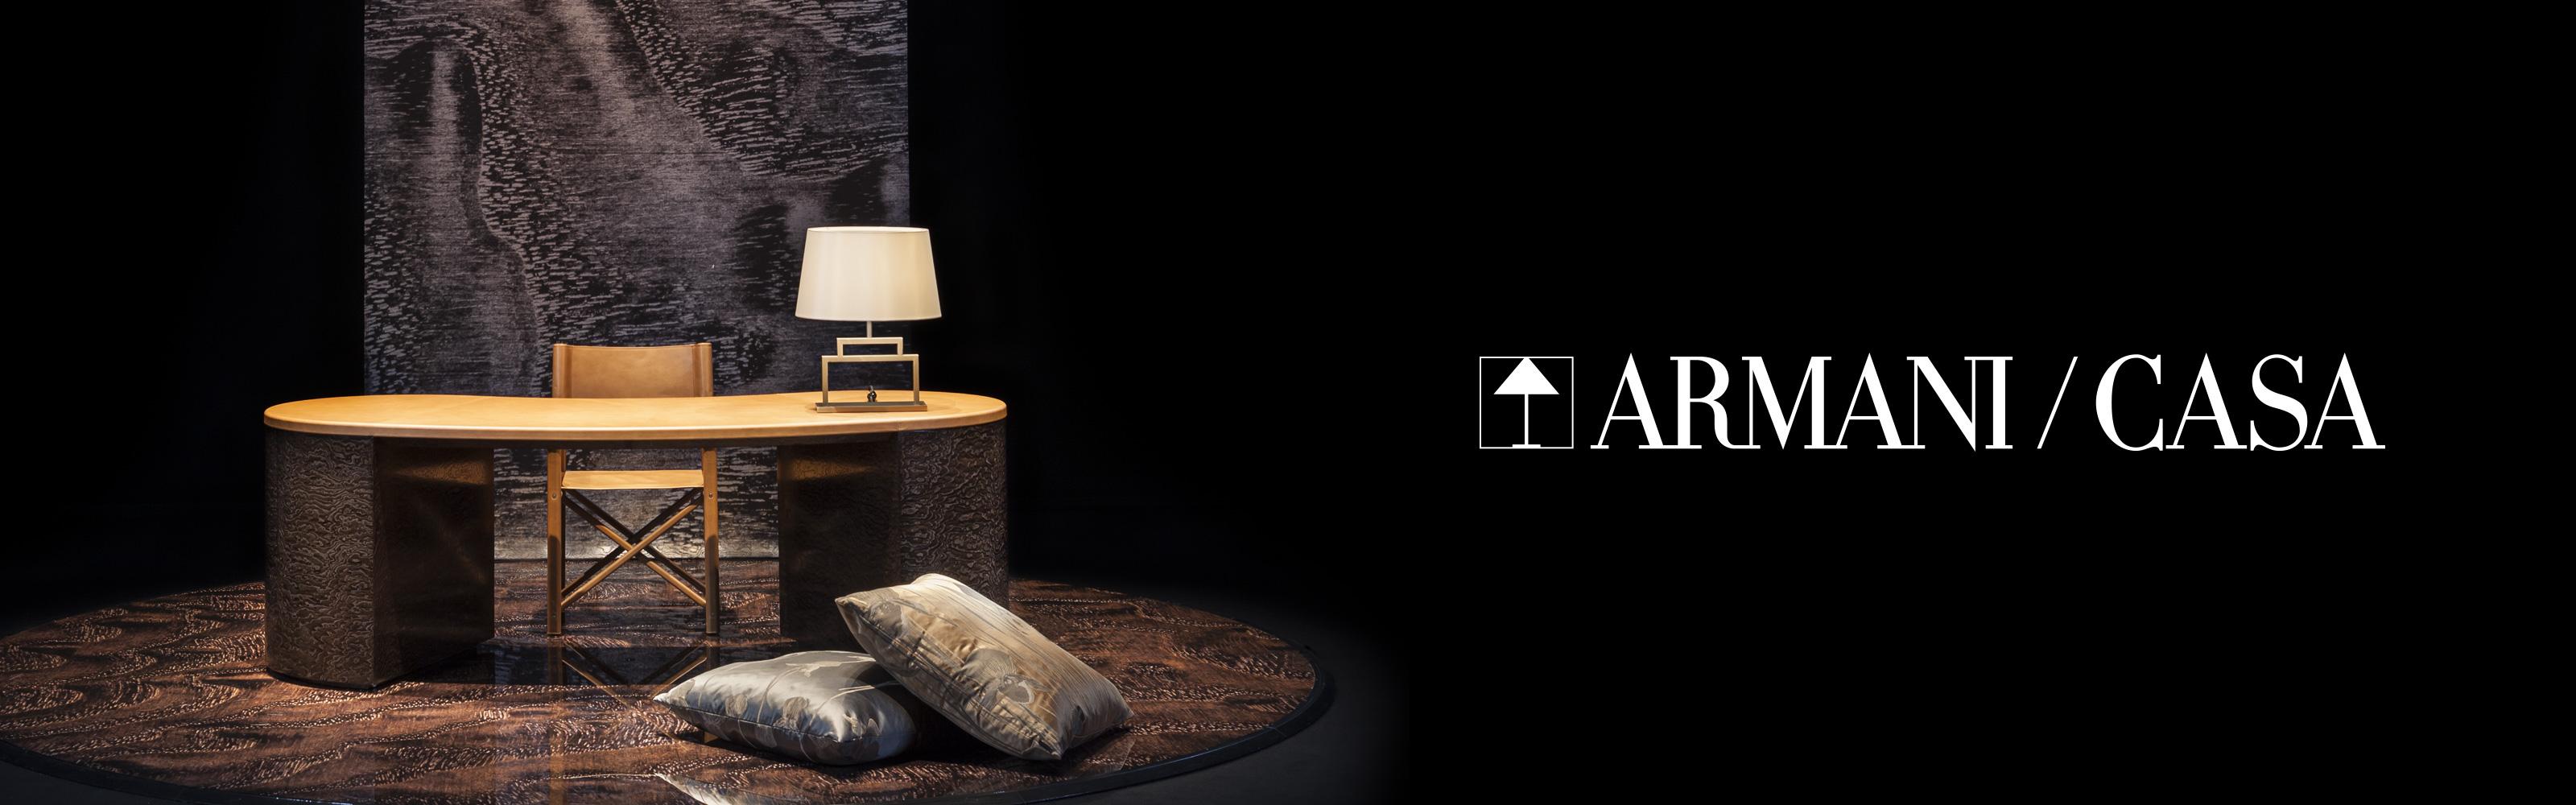 ArmaniCasa   Pacific Design Center 3200x1000